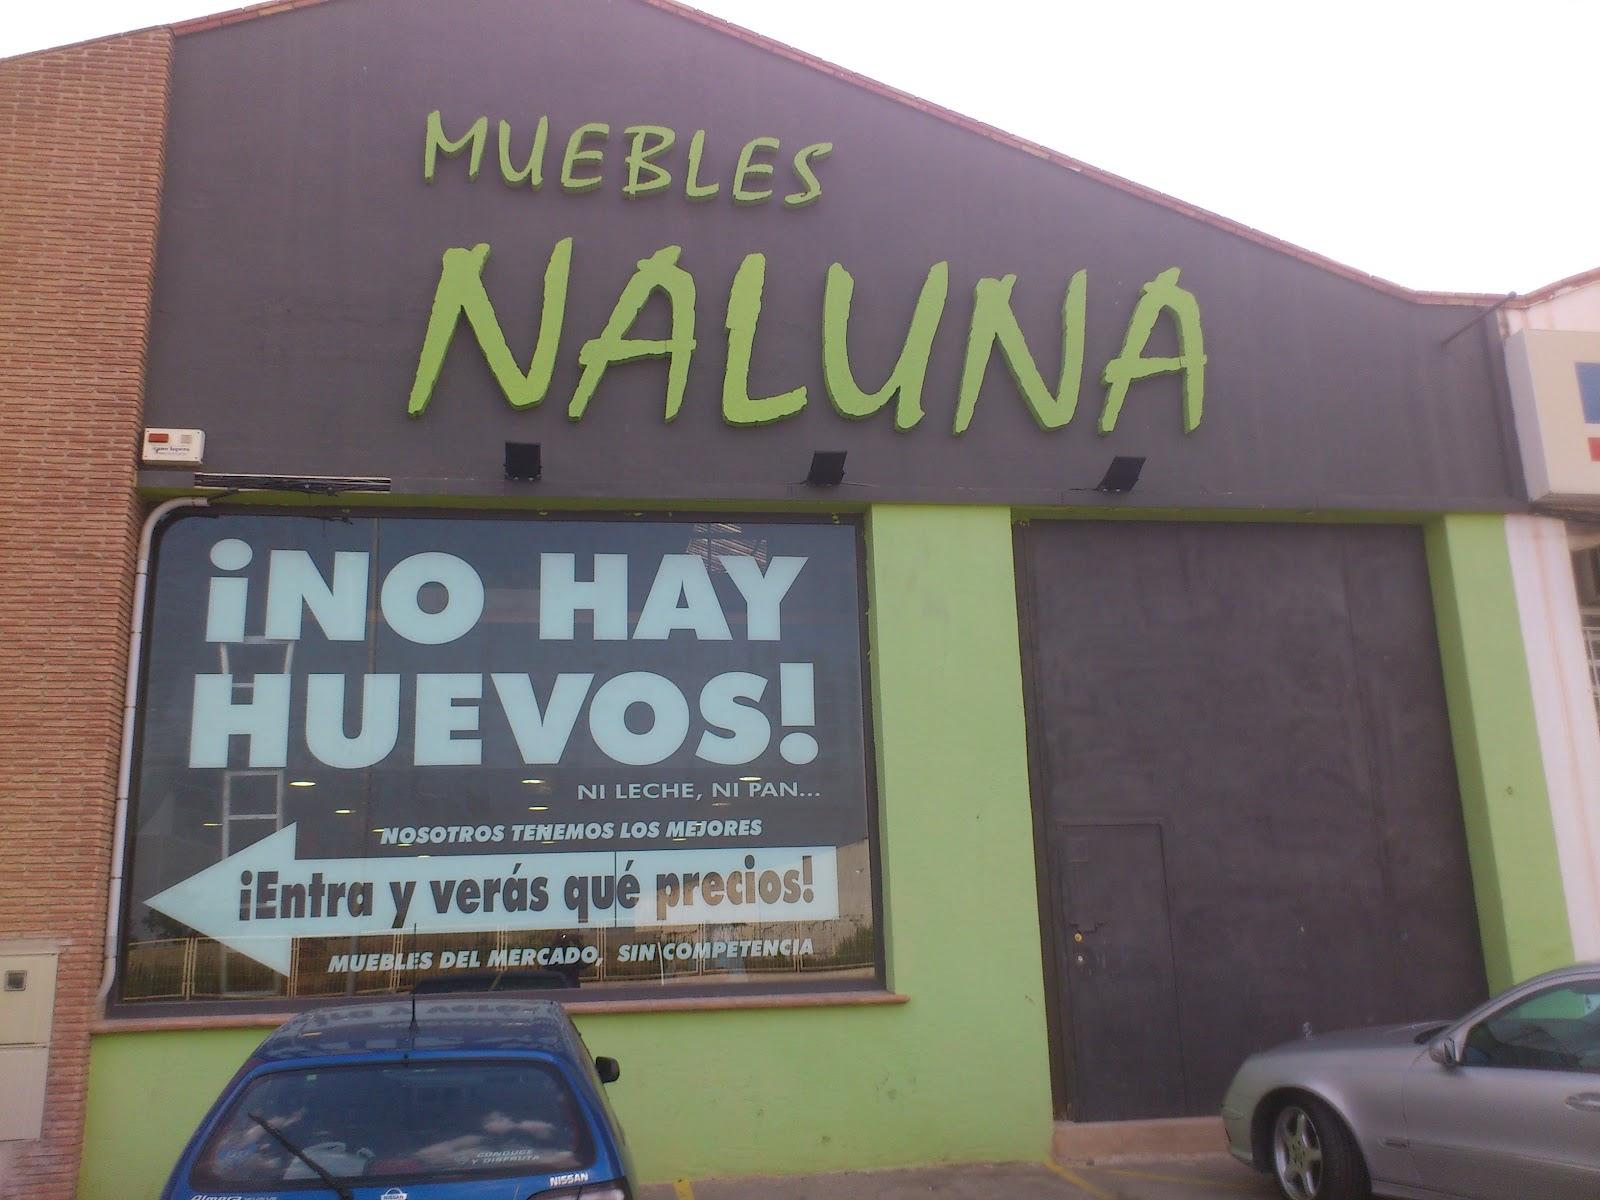 Factoria Del Mueble Utrera Beautiful Factoria Del Mueble Utrera  # Muebles La Factoria